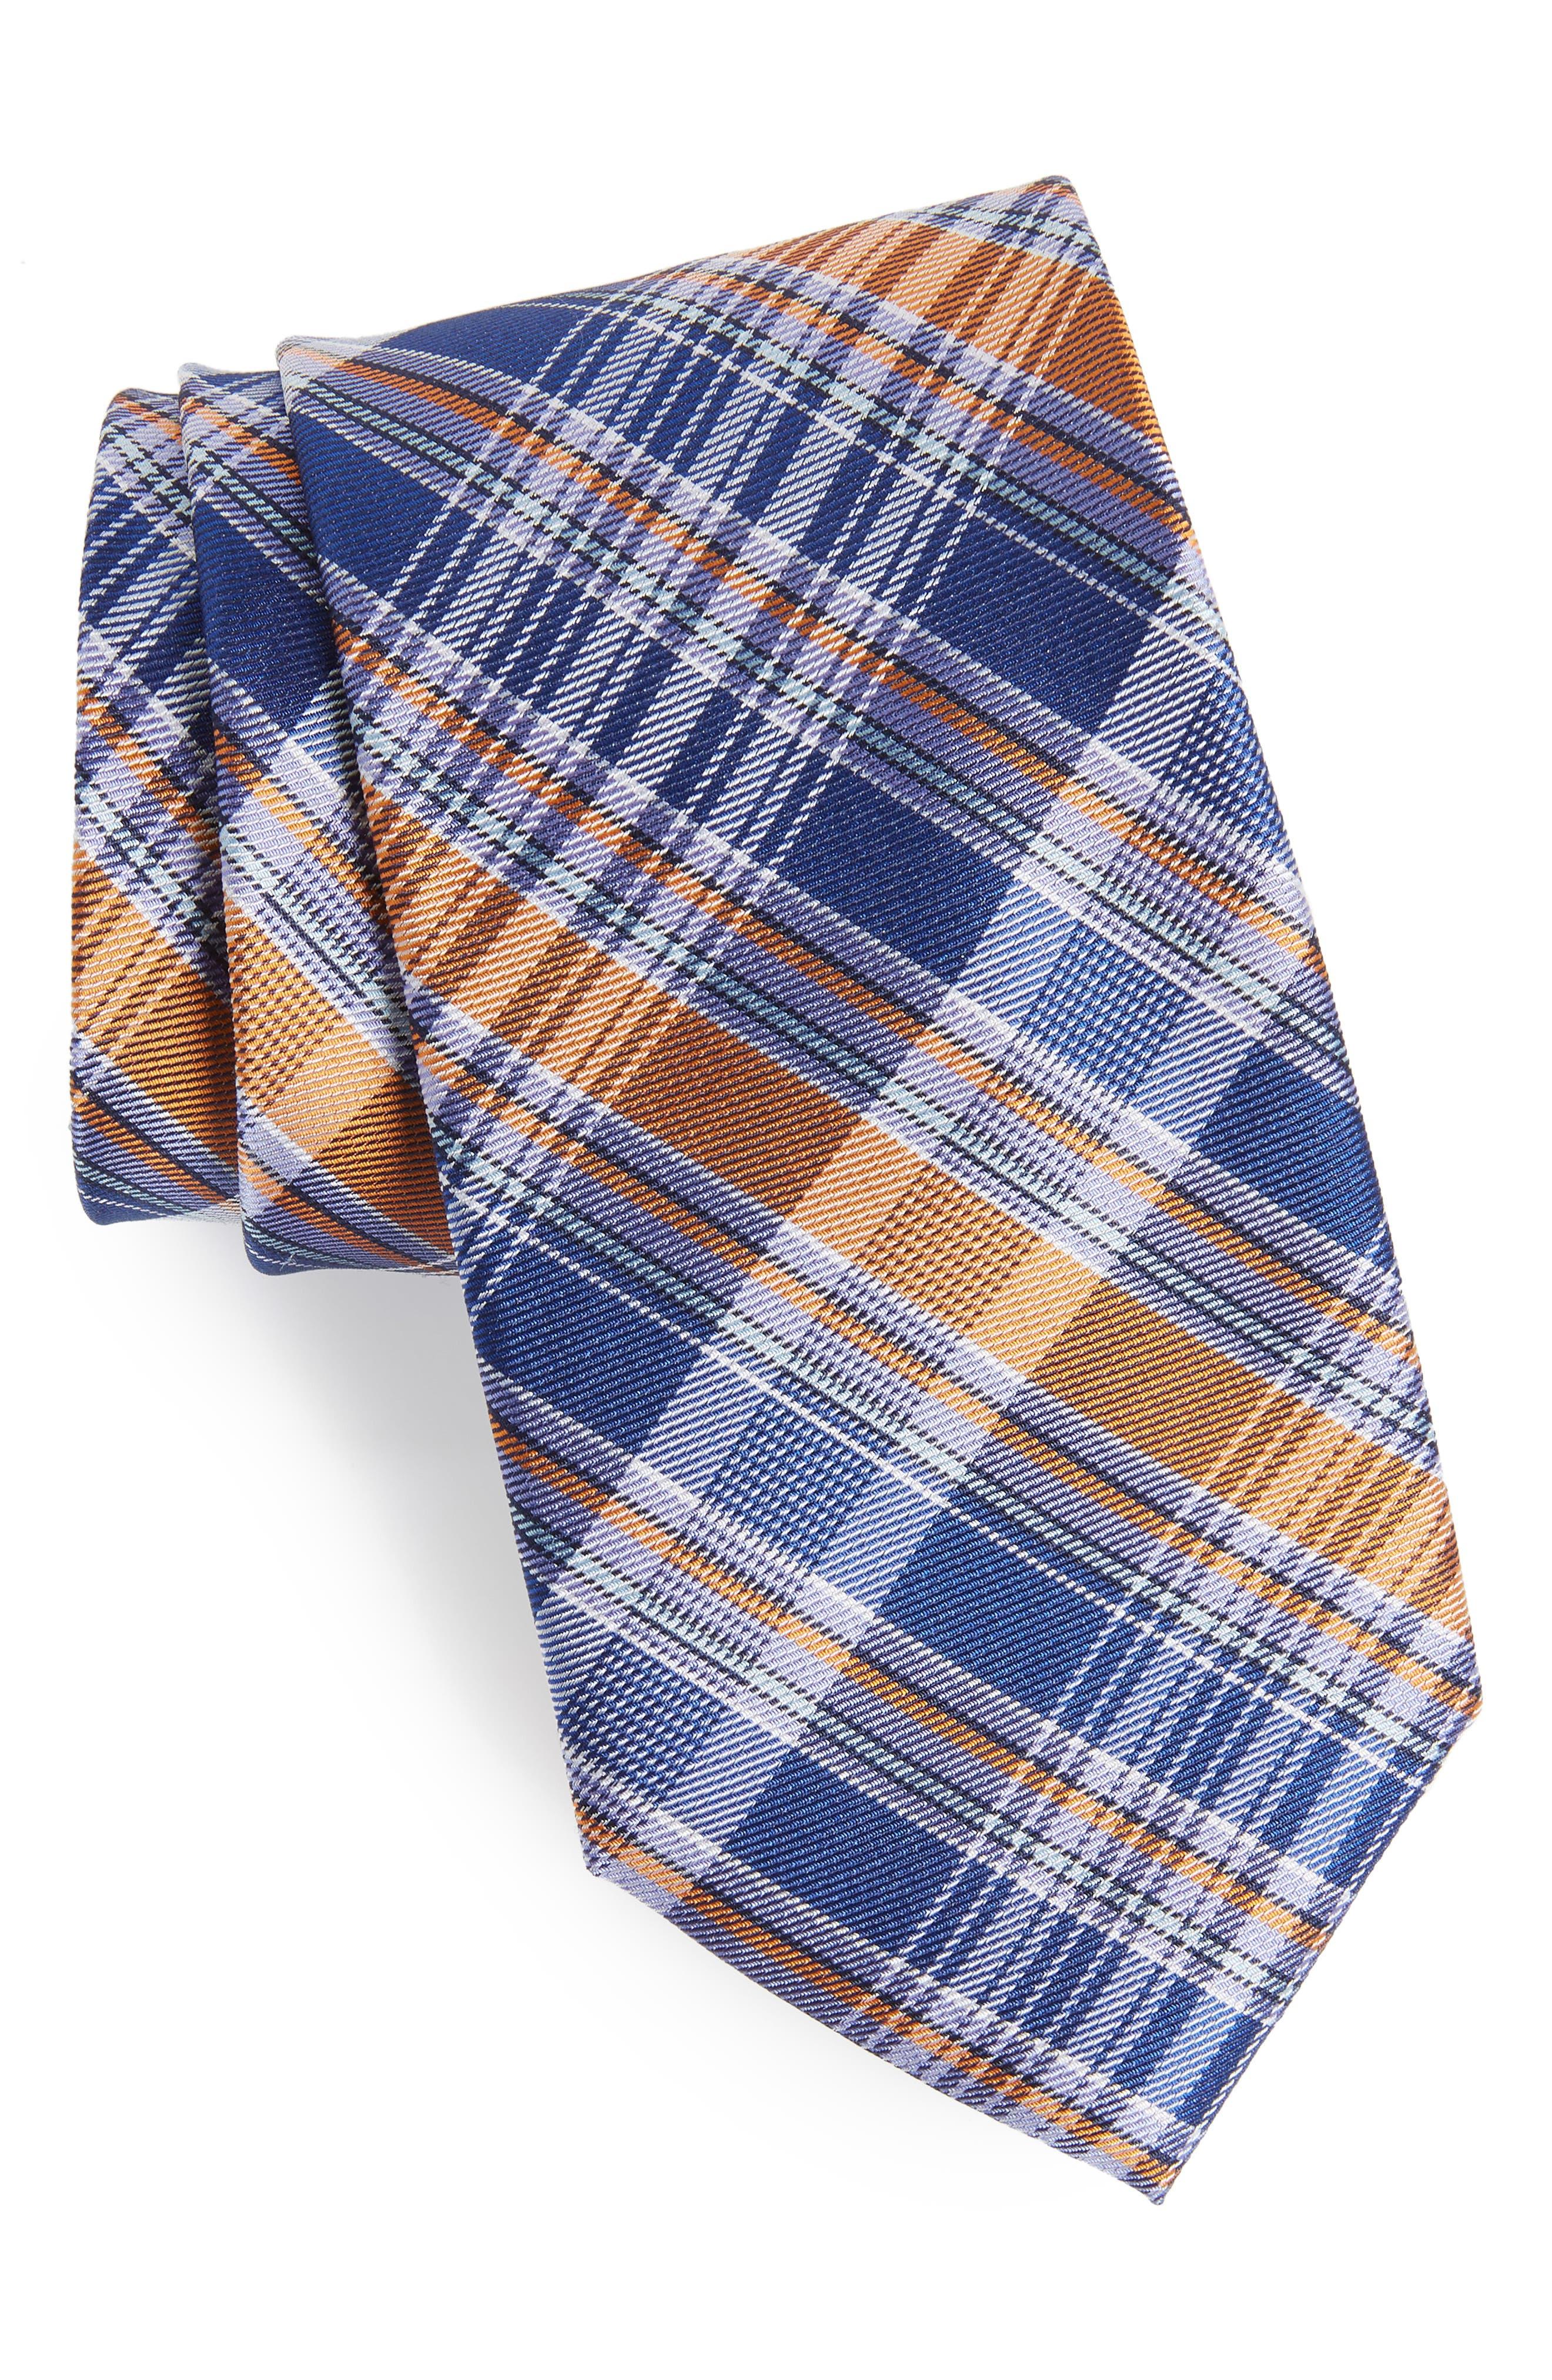 Sassafrass Plaid Silk Tie,                             Main thumbnail 1, color,                             Bright Fashion Blue